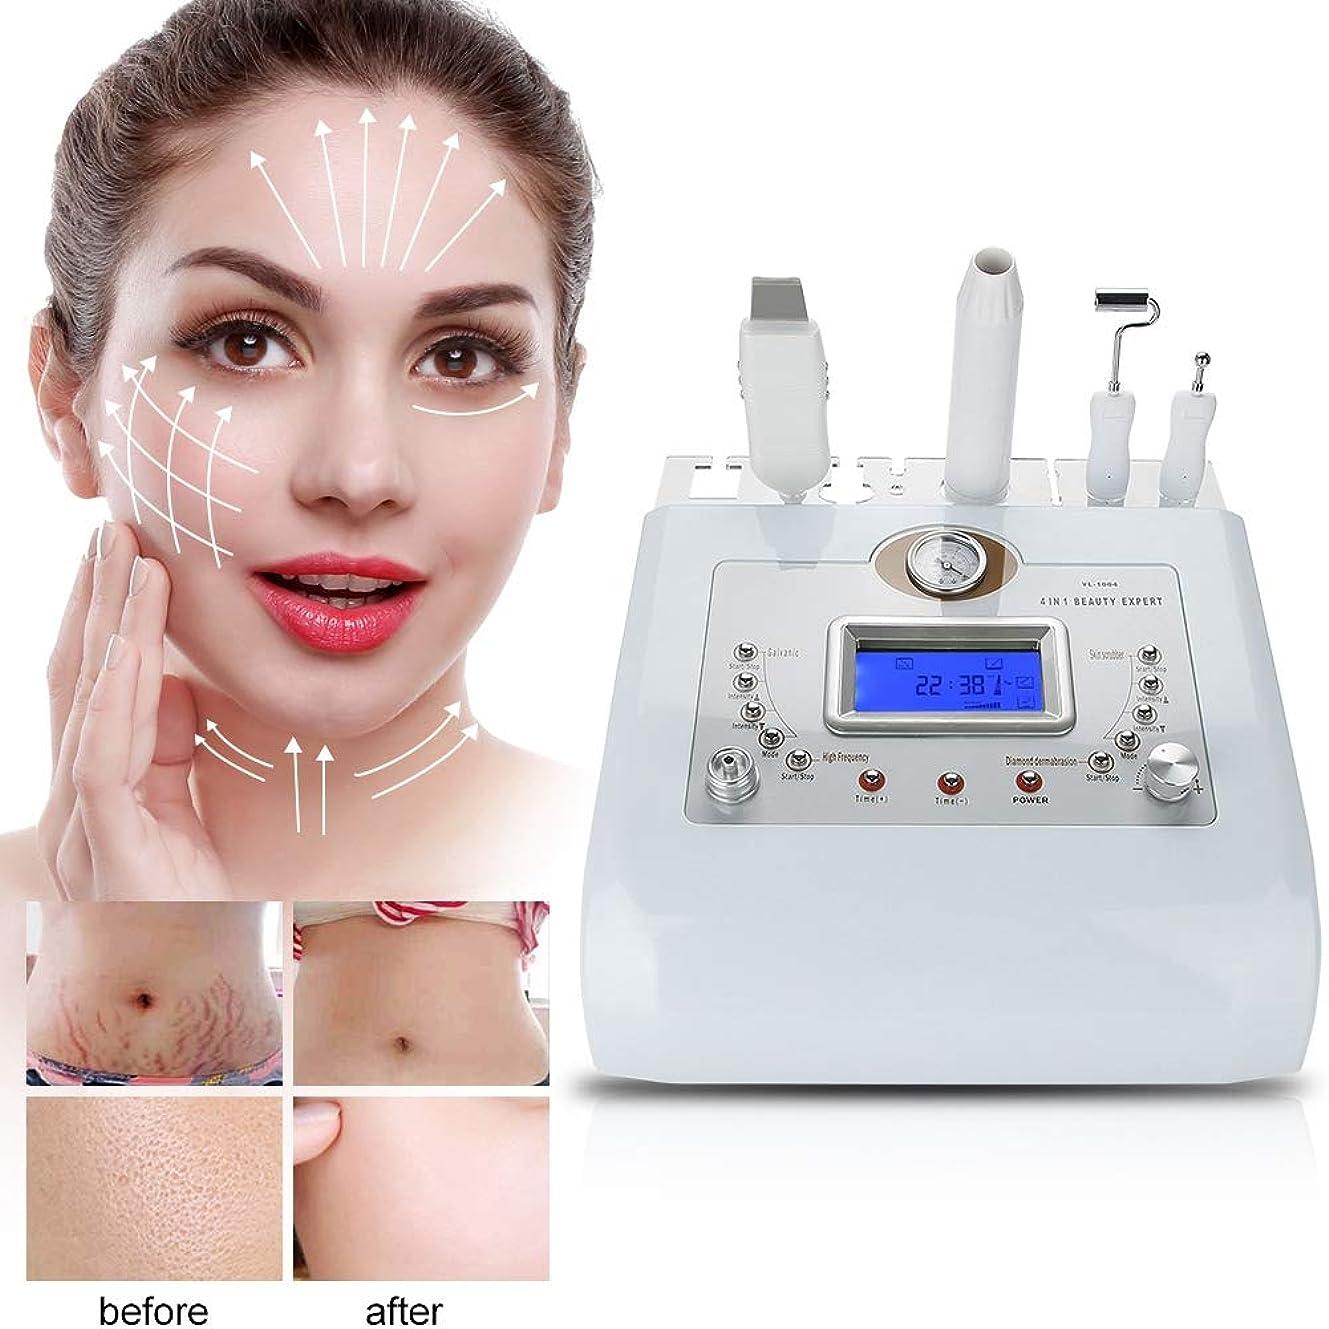 染色追跡しがみつく4-in-1ダイヤモンド皮膚剥離美容機、SPA用美容室用機器トナー、RF +超音波+スキンスクラバー+ EMS電気治療 (白)